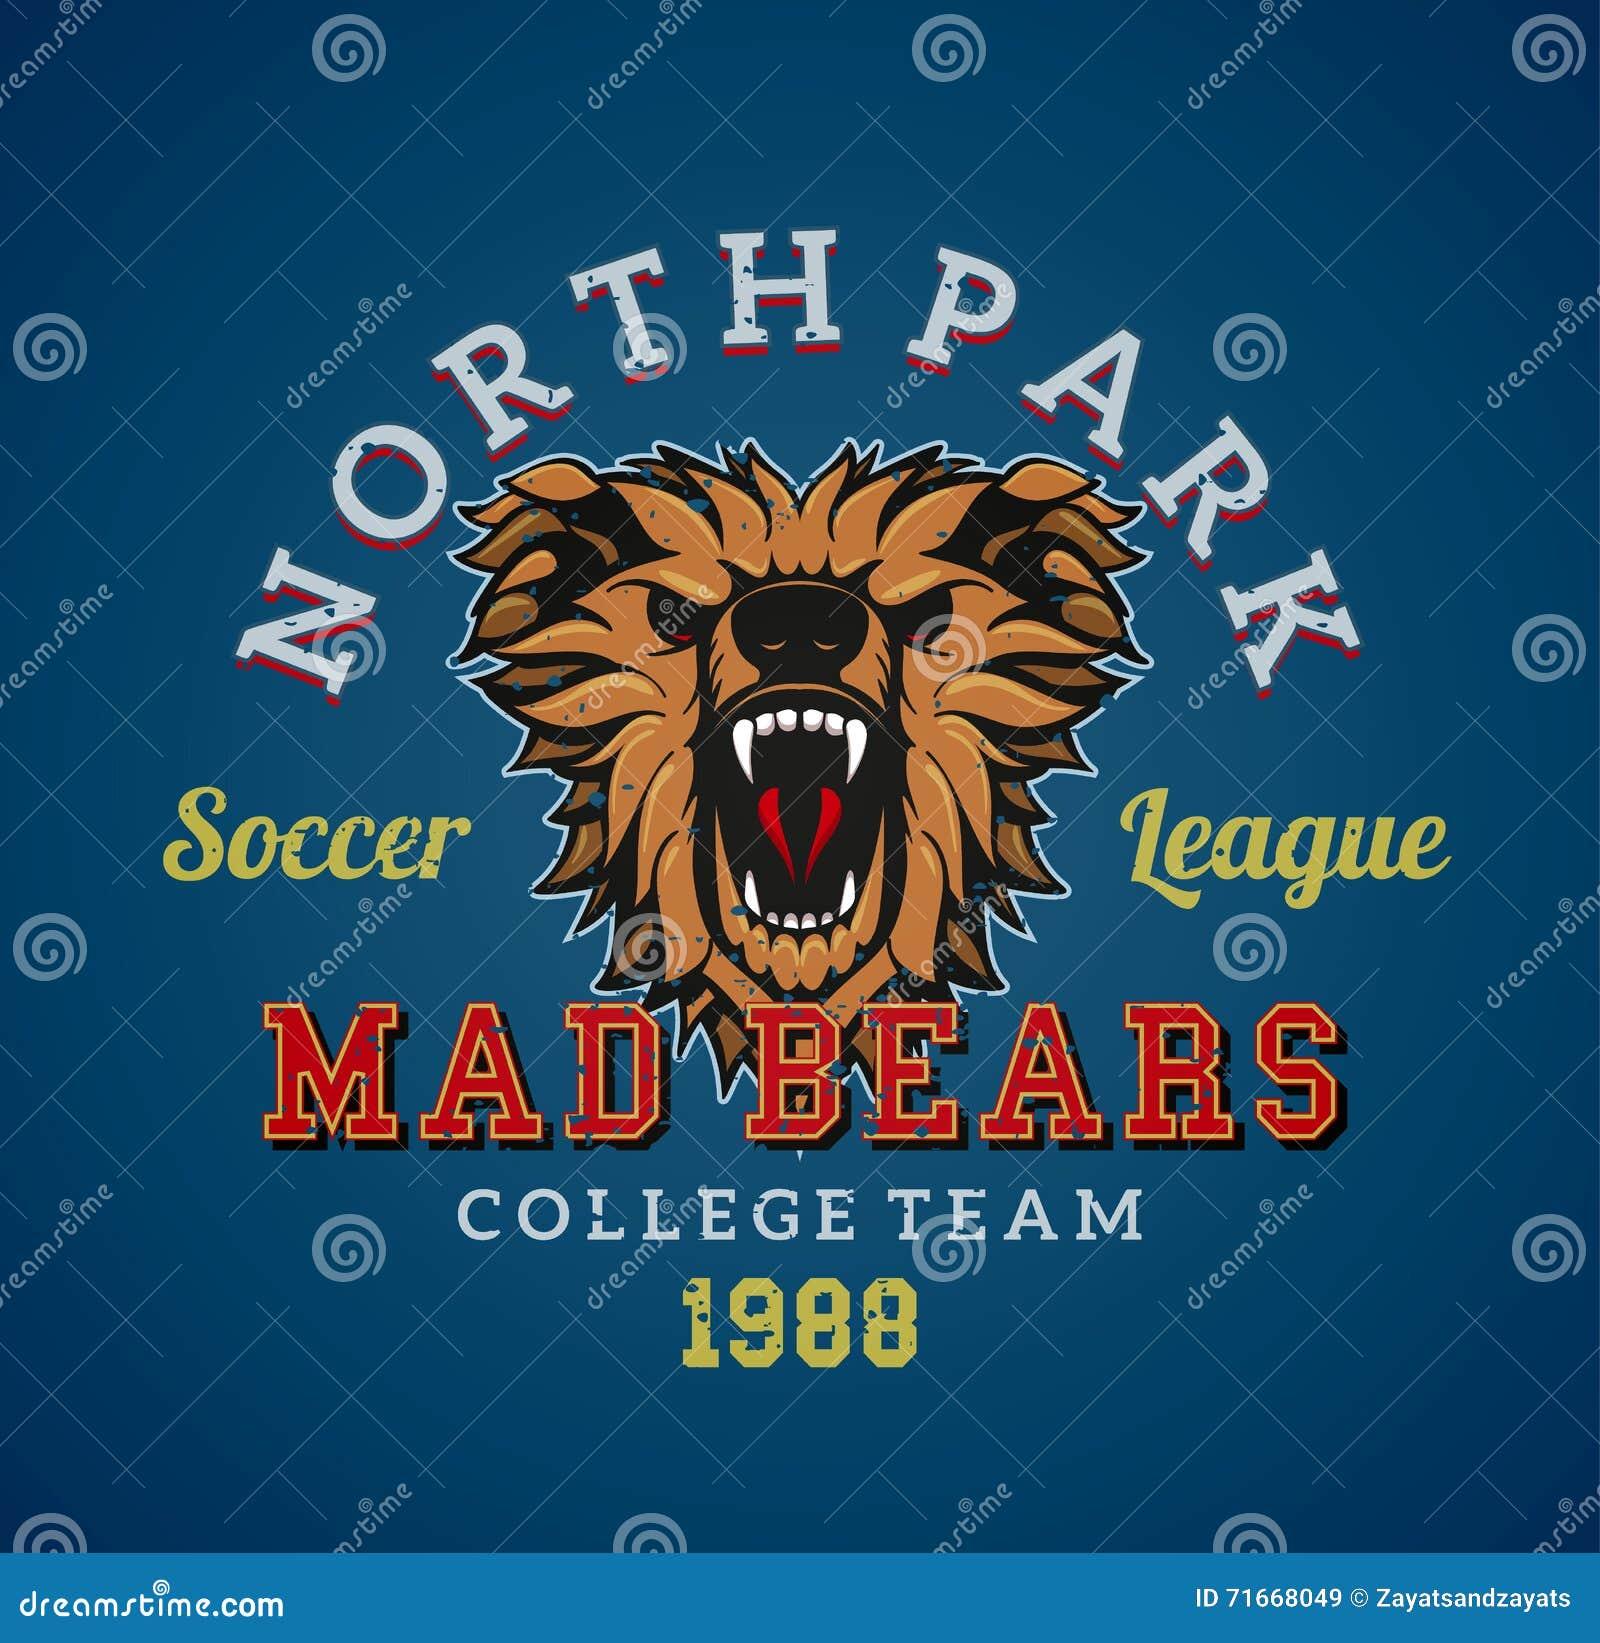 3834f3cb0 Mad bears team stock vector. Illustration of logo, head - 71668049